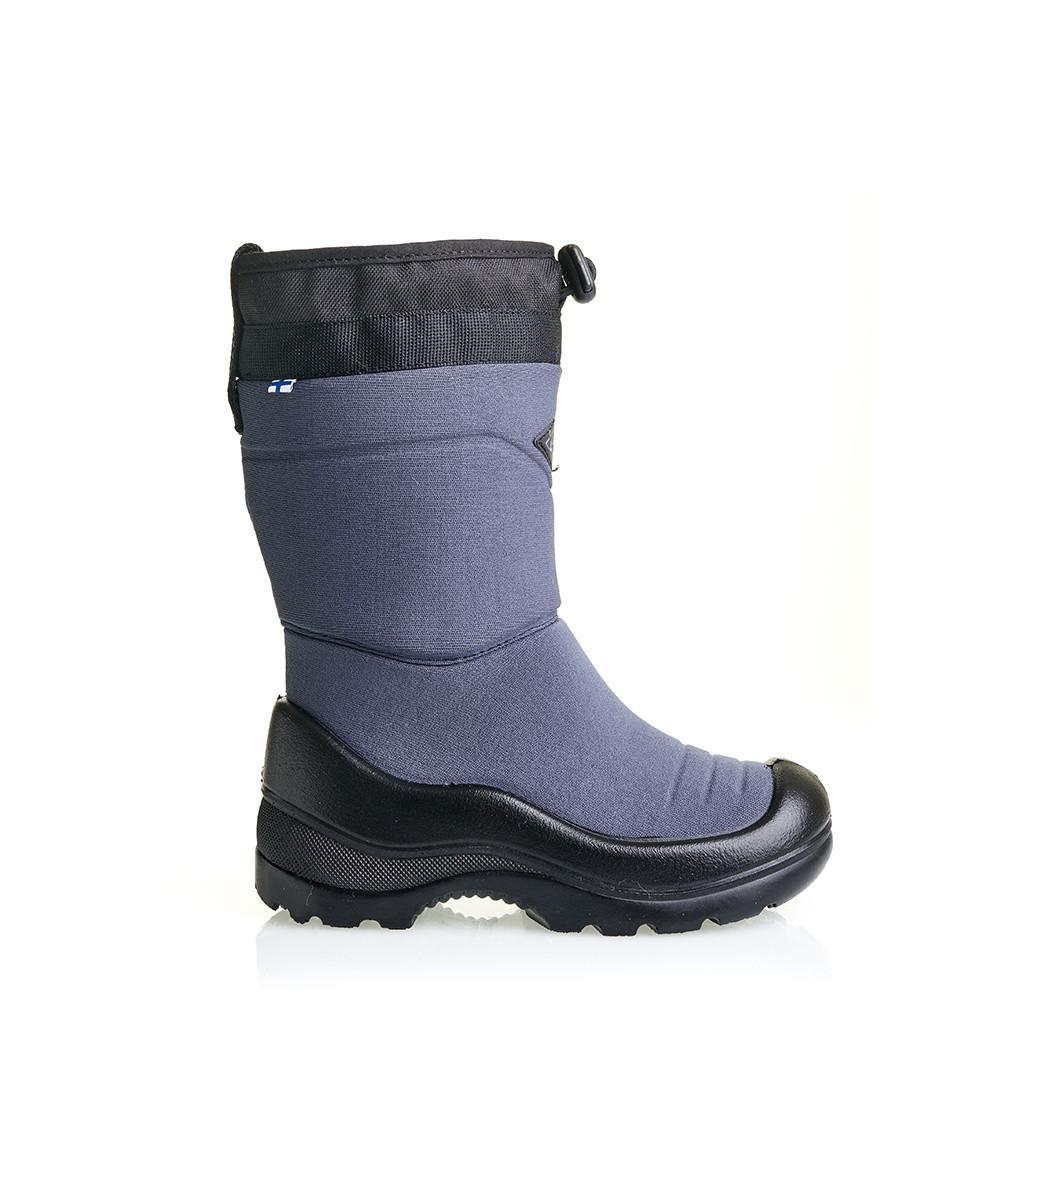 Обувь детская Snow snowlock, Grey